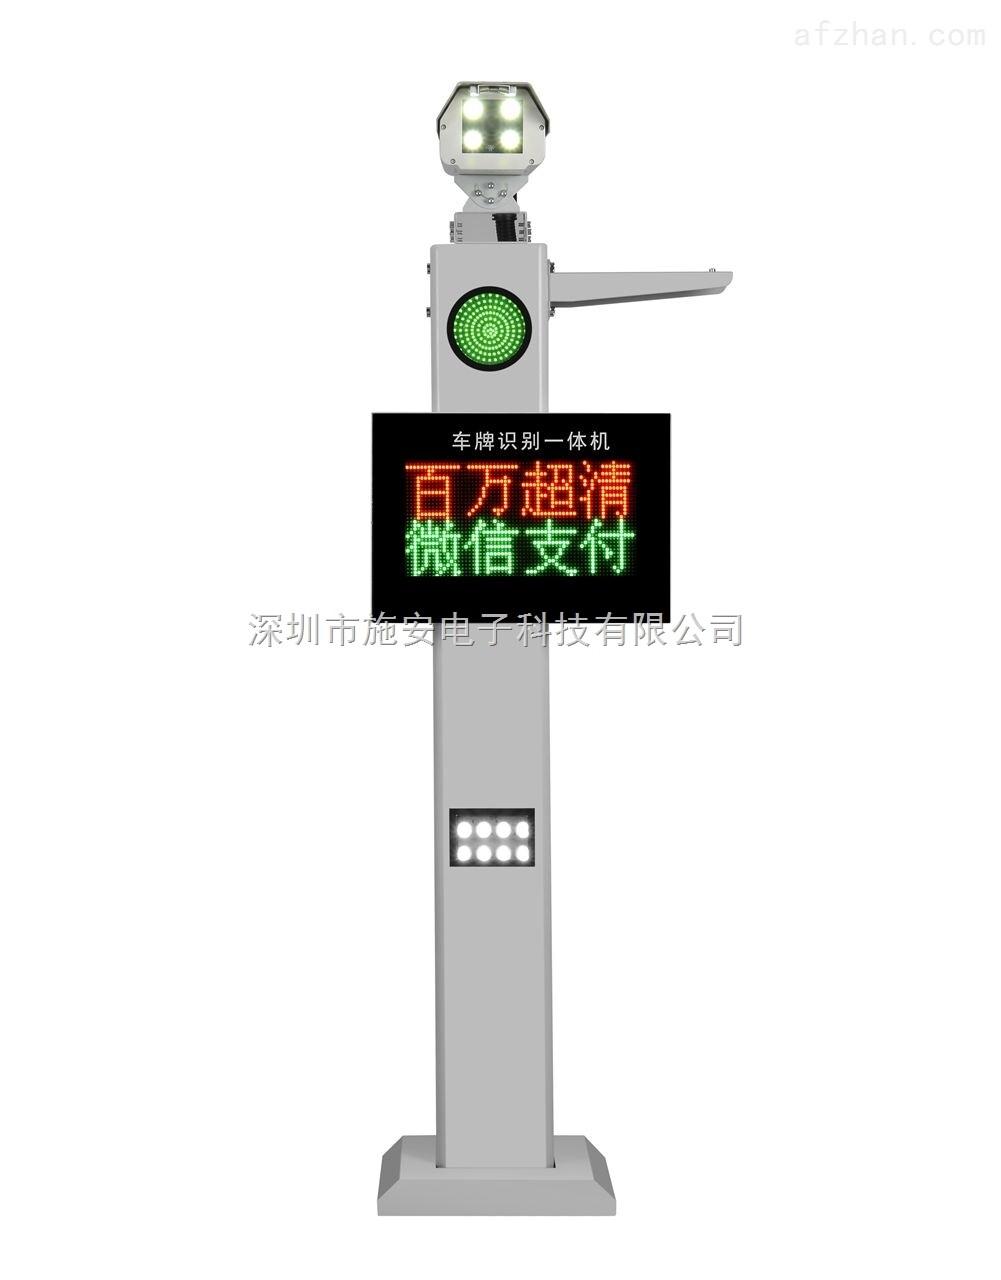 深圳微信支付车牌识别一体机